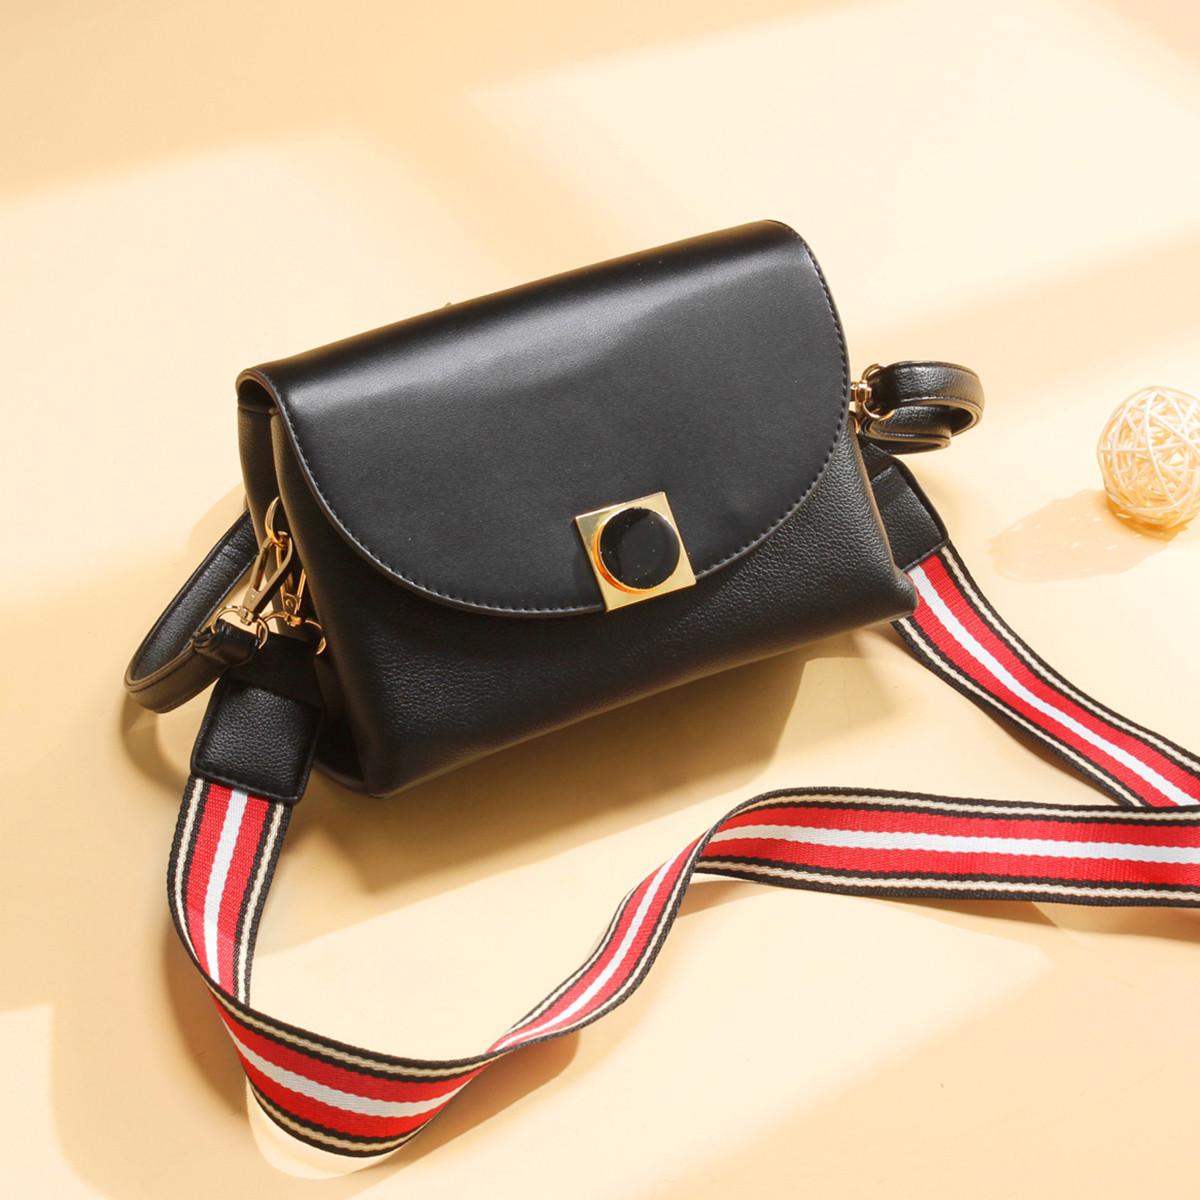 蒙娜丽莎 2019年新款包包条纹宽肩带小方包圆环锁扣单肩斜挎包女包